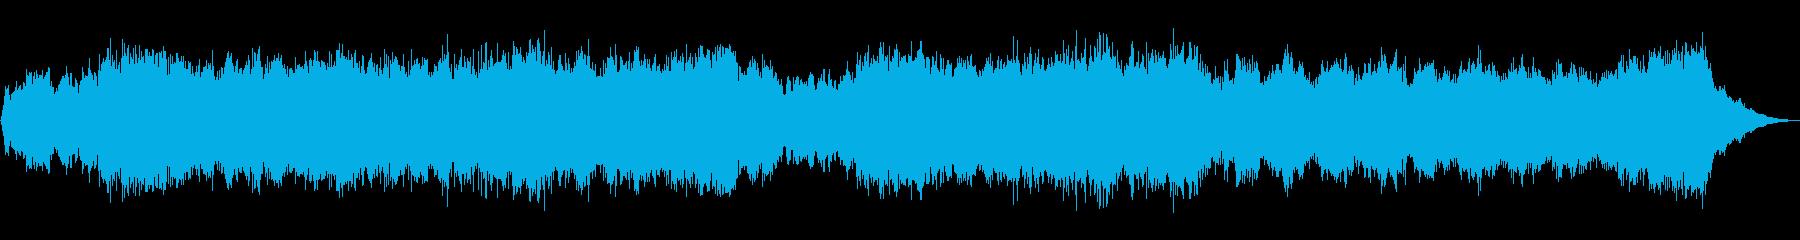 テーマ「悲恋」30秒ストリングス系BGMの再生済みの波形